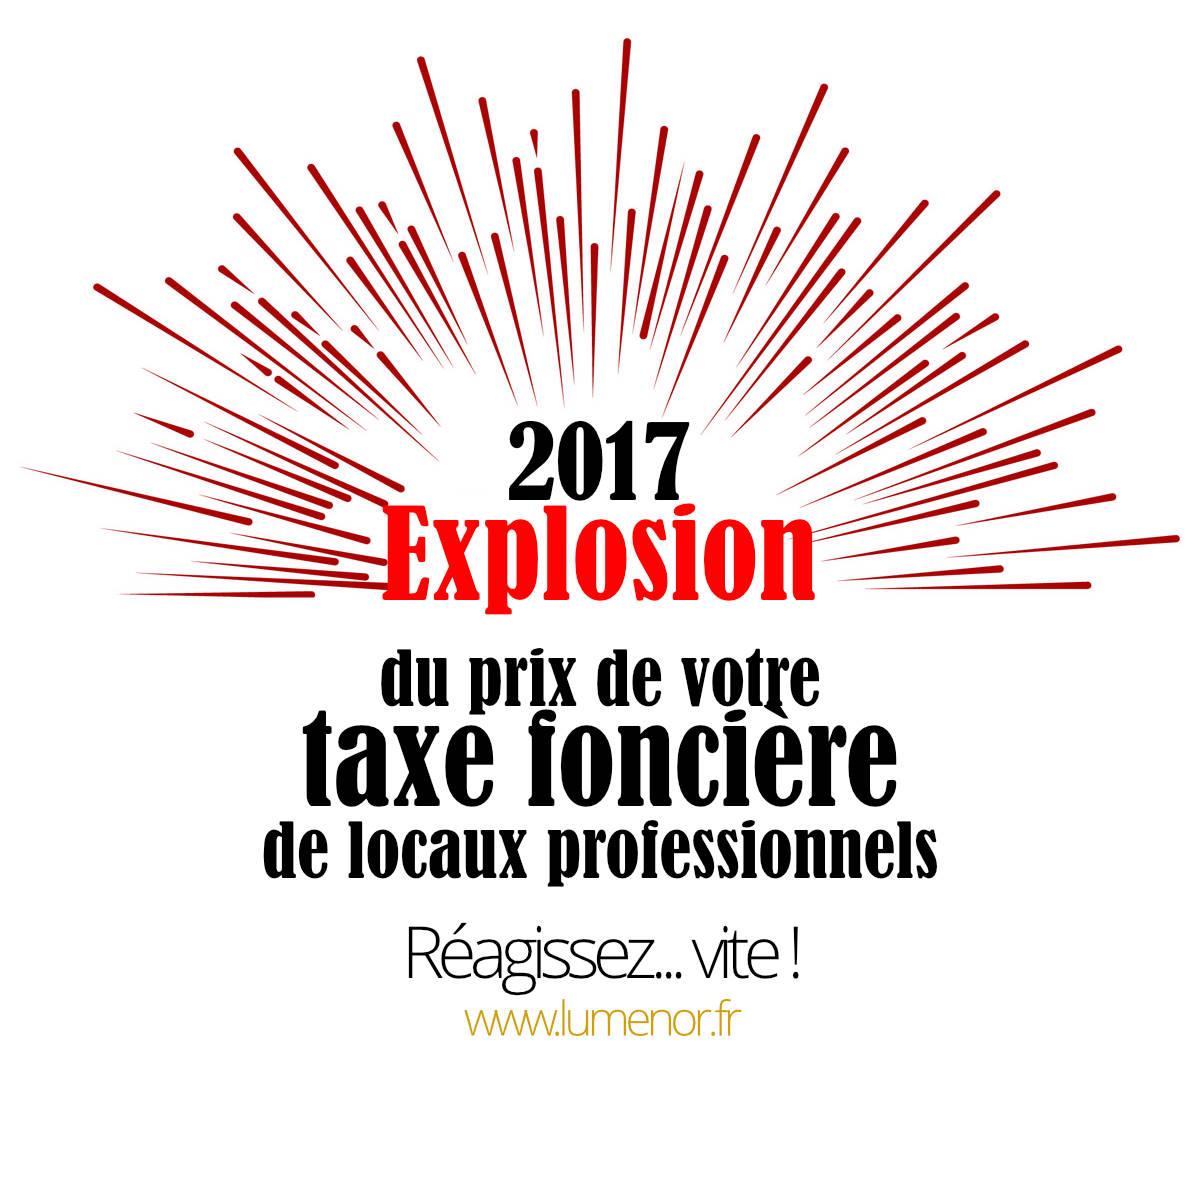 Explosion du prix de votre taxe fonciere 2017